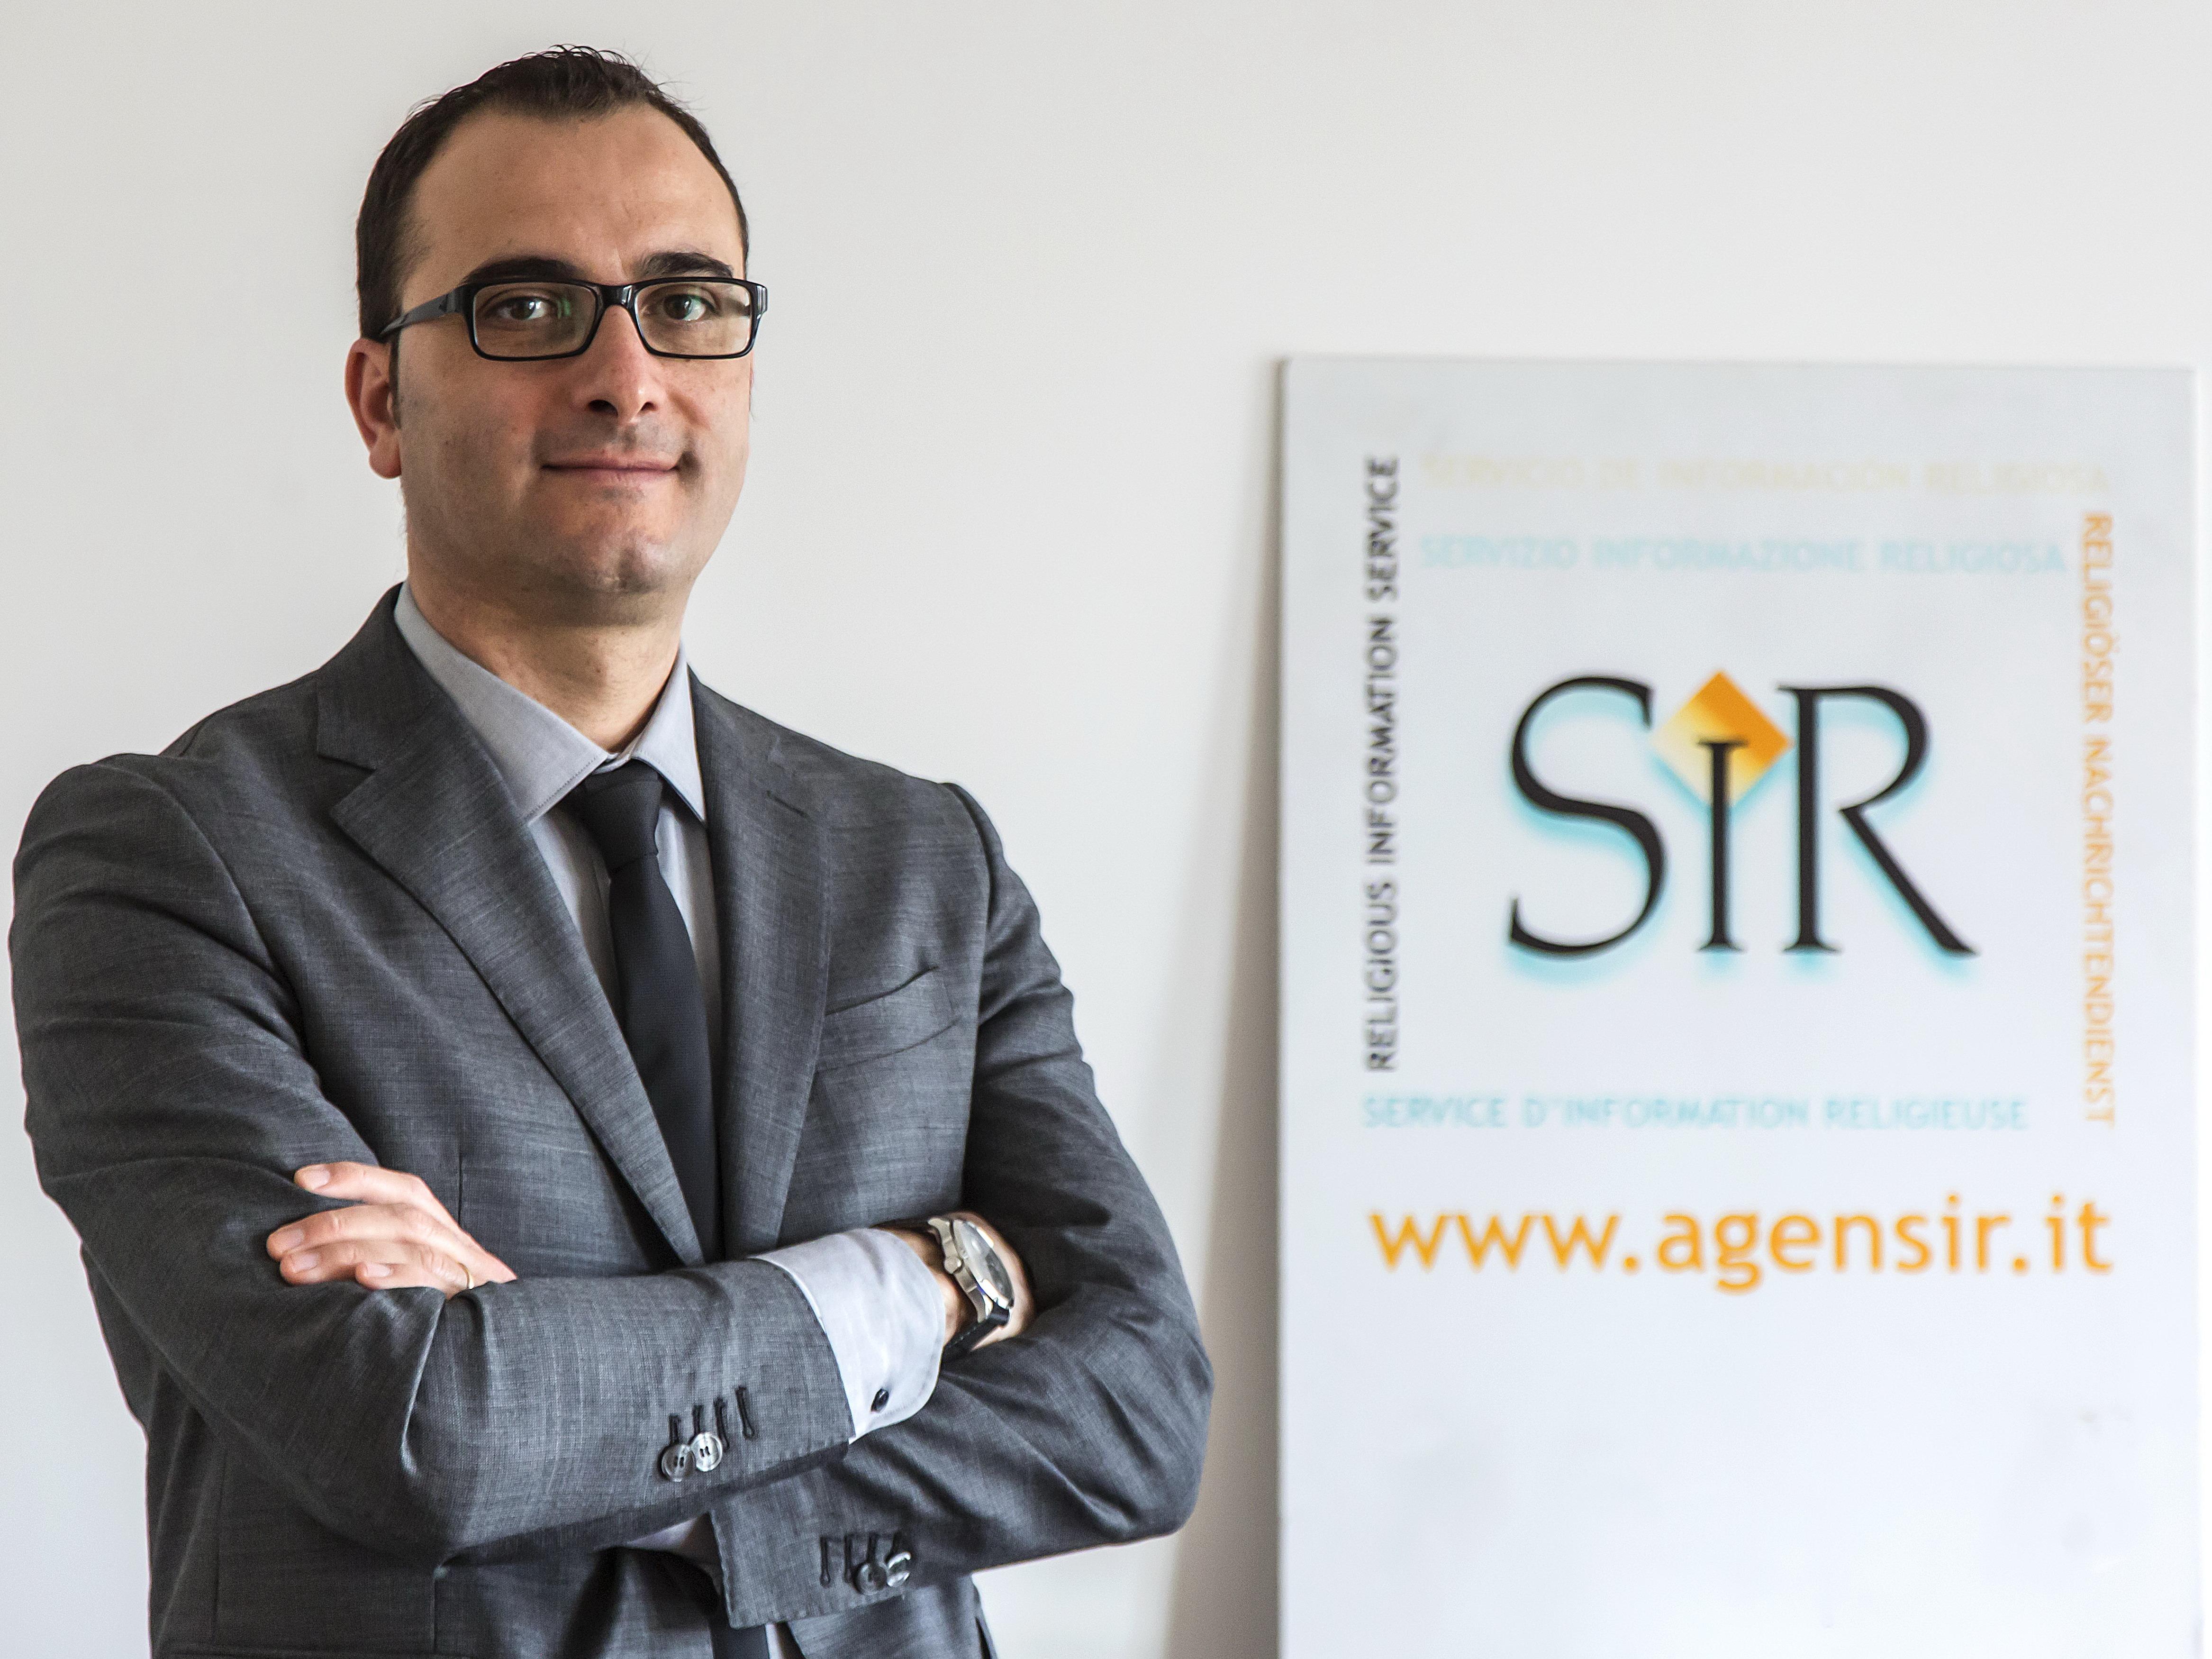 Roma, 24-03-2017.Vincenzo Corrado, nuovo direttore del SIR.